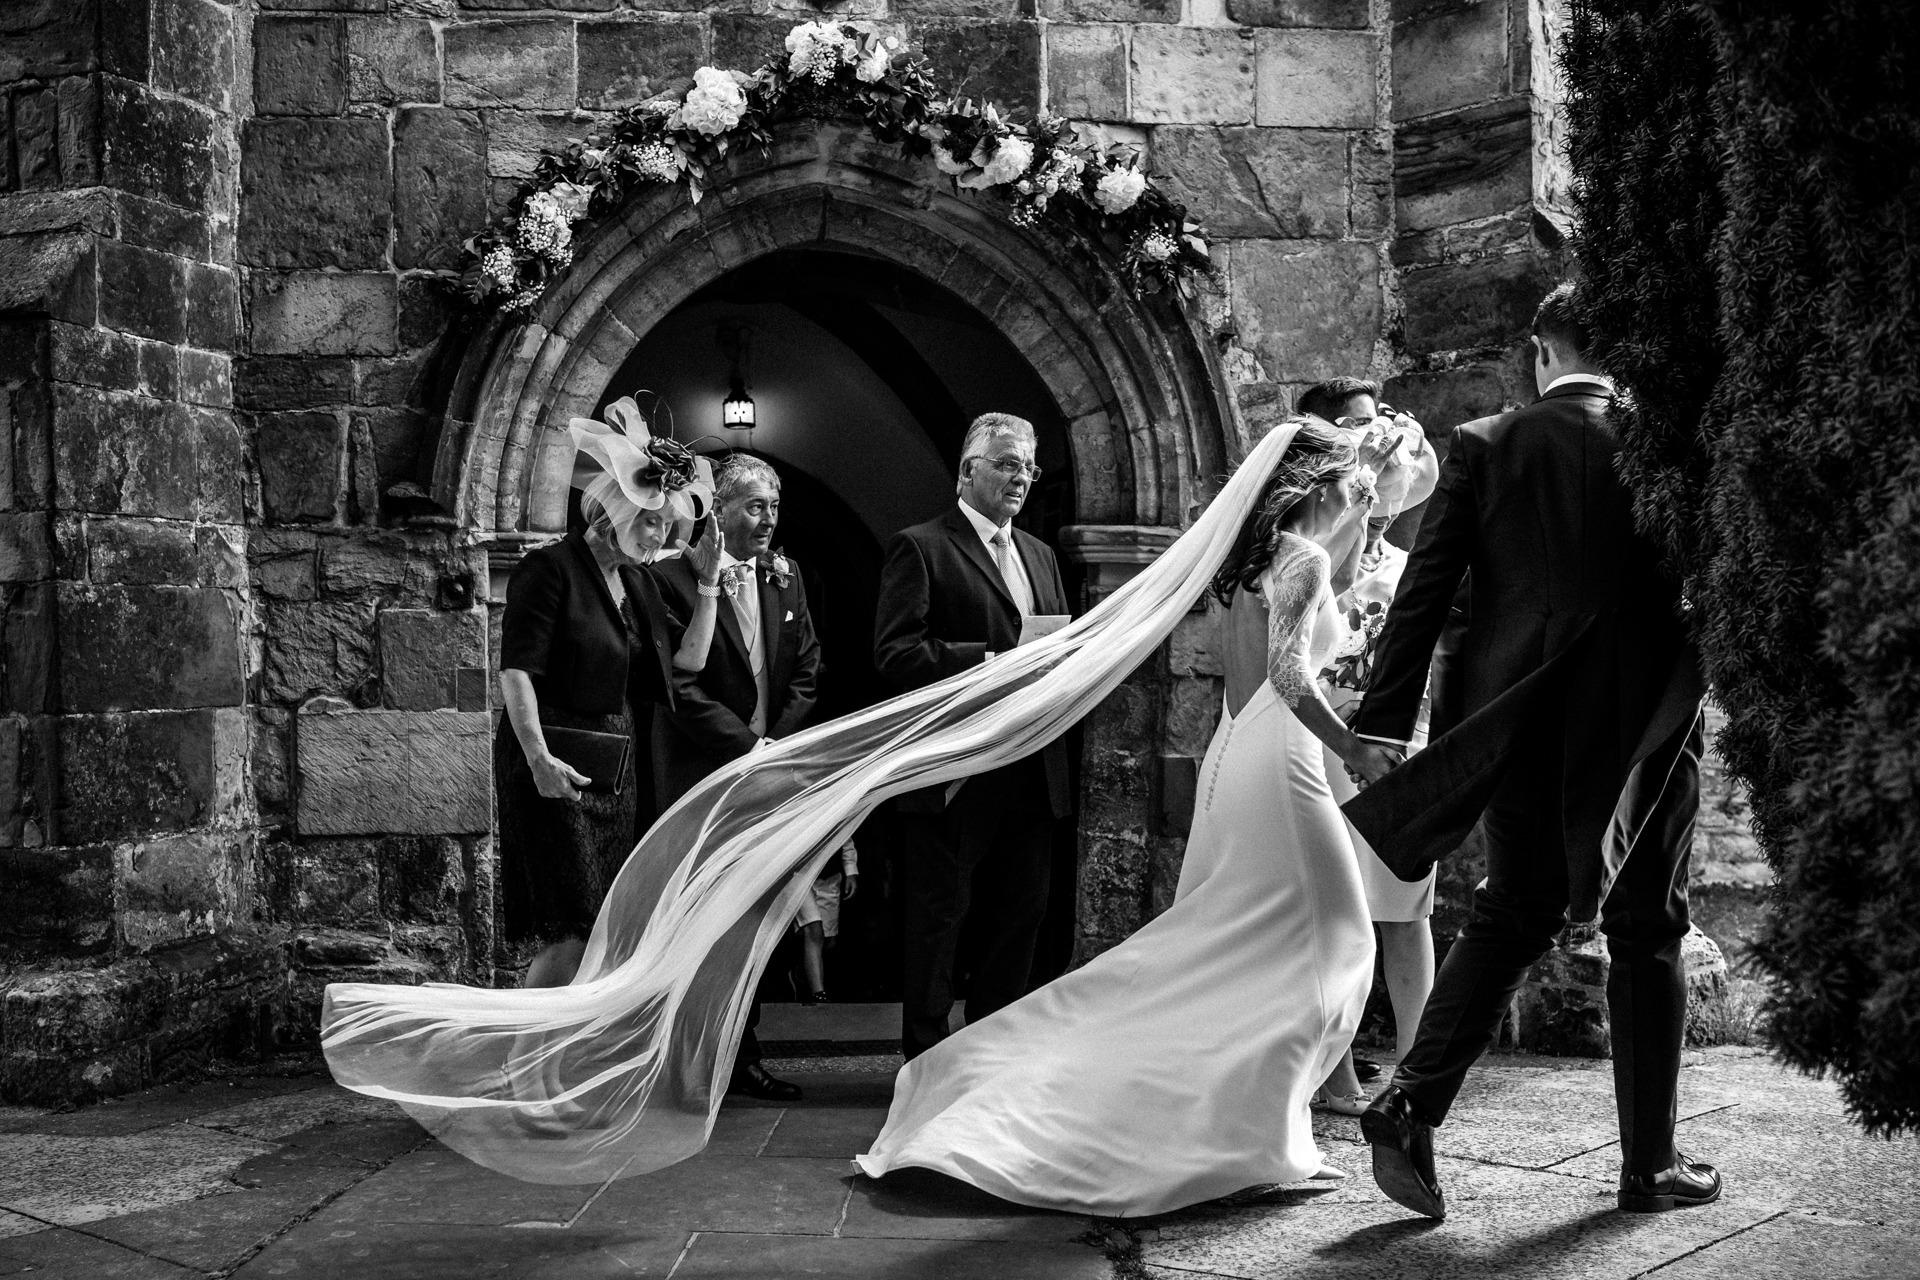 赫特福德郡的保罗罗杰斯是英国Ticehurst的婚礼摄影师